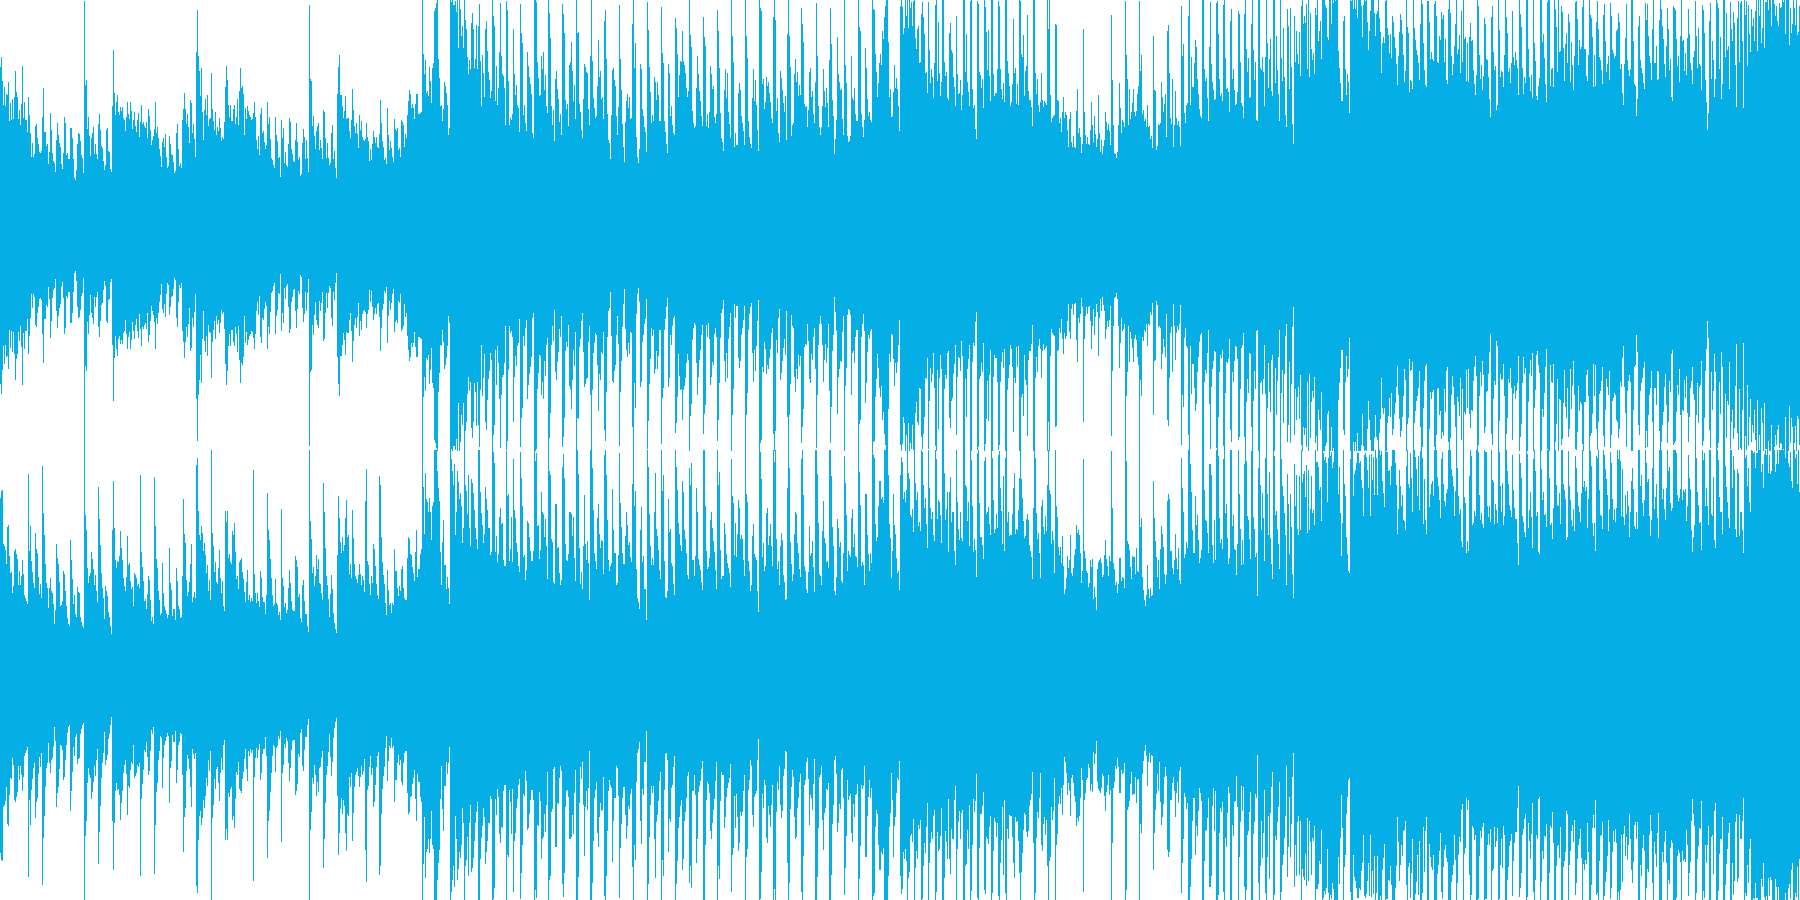 前向きで爽やかなポップス【ループBGM】の再生済みの波形